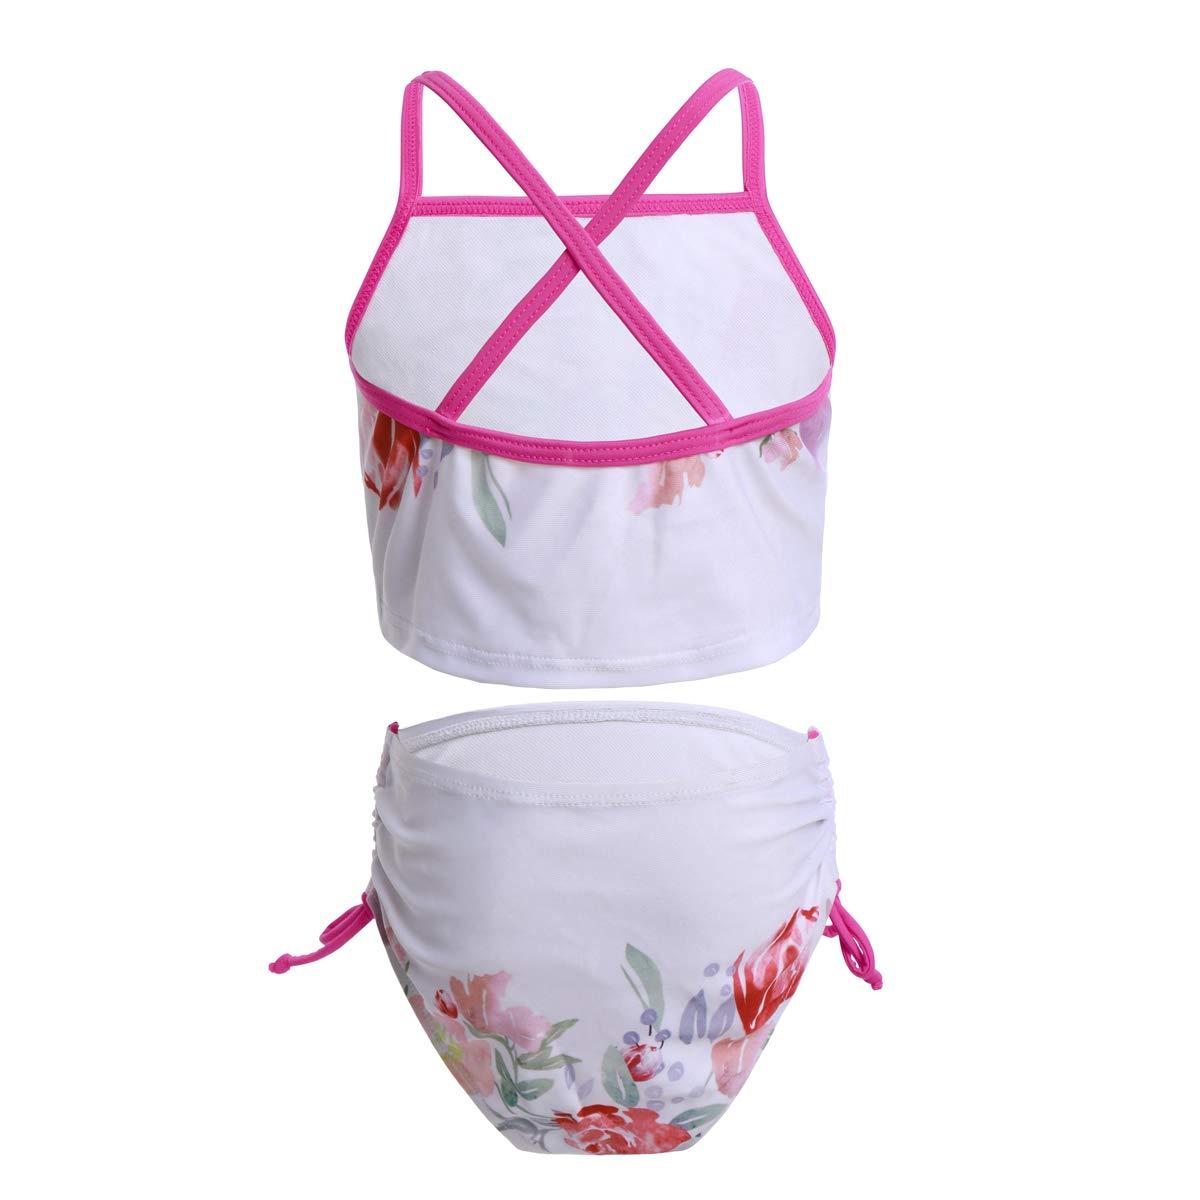 OBEEII Ragazze Costume da Bagno Unicorno Due Pezzi Bikini Tankini Stampa di Fiori Costumi da Mare Estate Spiaggia Beachwear Swimwear per Bambina 2-7 Anni